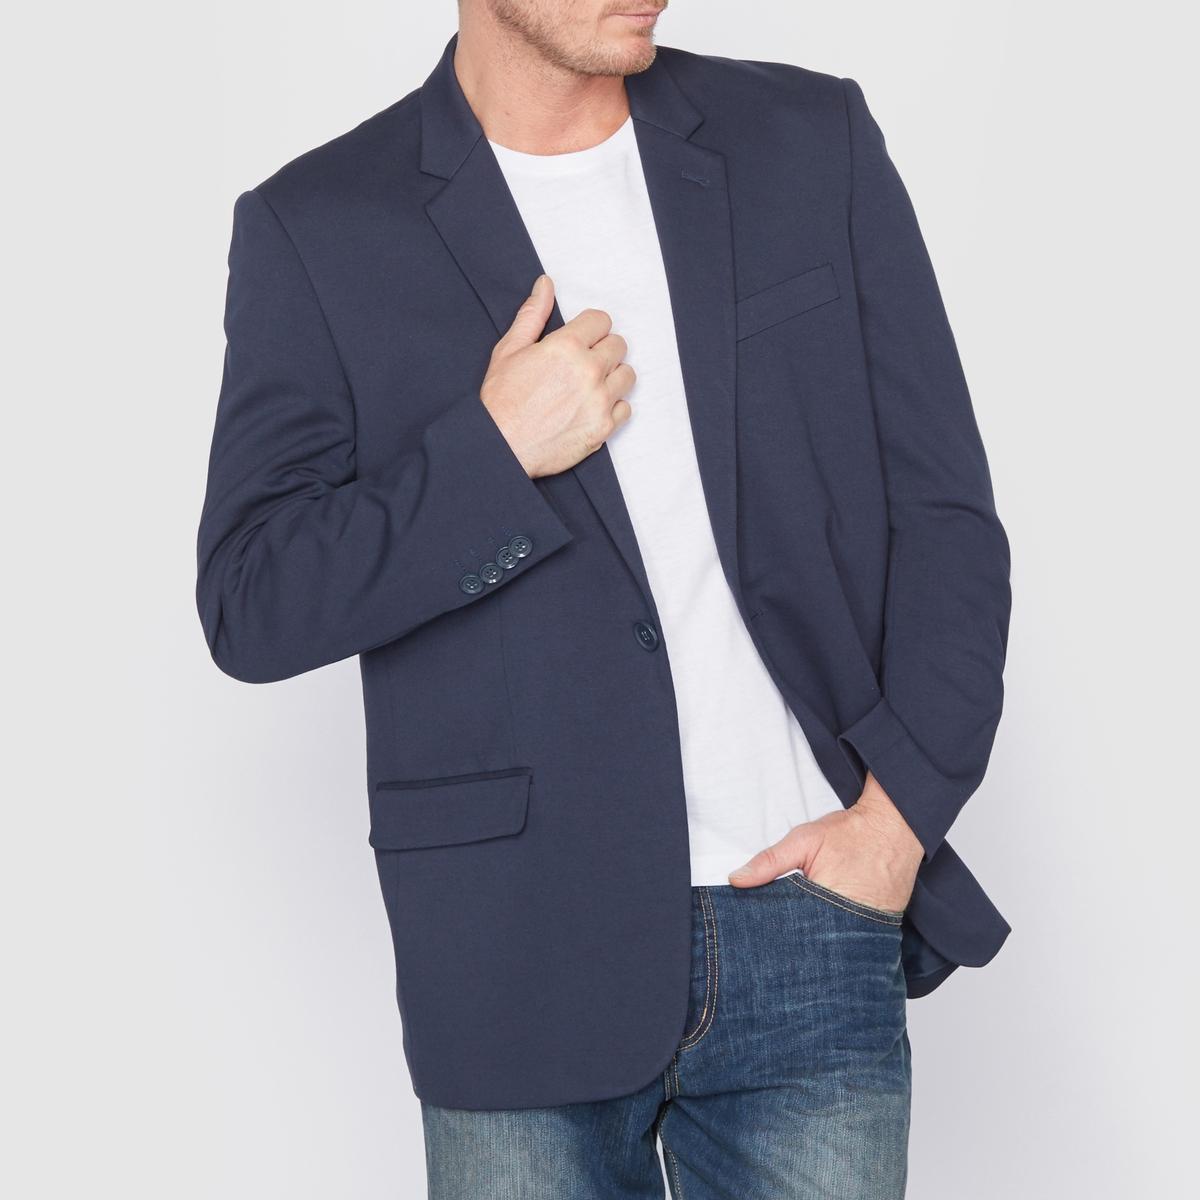 Пиджак трикотажныйПиджак. В спортивном и изысканном стиле, можно сочетать с чем угодно, простой в носке. Трикотаж милано 70% вискозы, 26% полиэстера, 4% эластана. Длина 78 см. Прямой покрой с застежкой на 1 пуговицу. 1 нагрудный карман и 2 передних кармана с клапанами, 2   внутренних кармана. Низ рукавов с пуговицами. Полностью на подкладке 100%   полиэстера.<br><br>Цвет: темно-синий,черный<br>Размер: 70/72.82/84